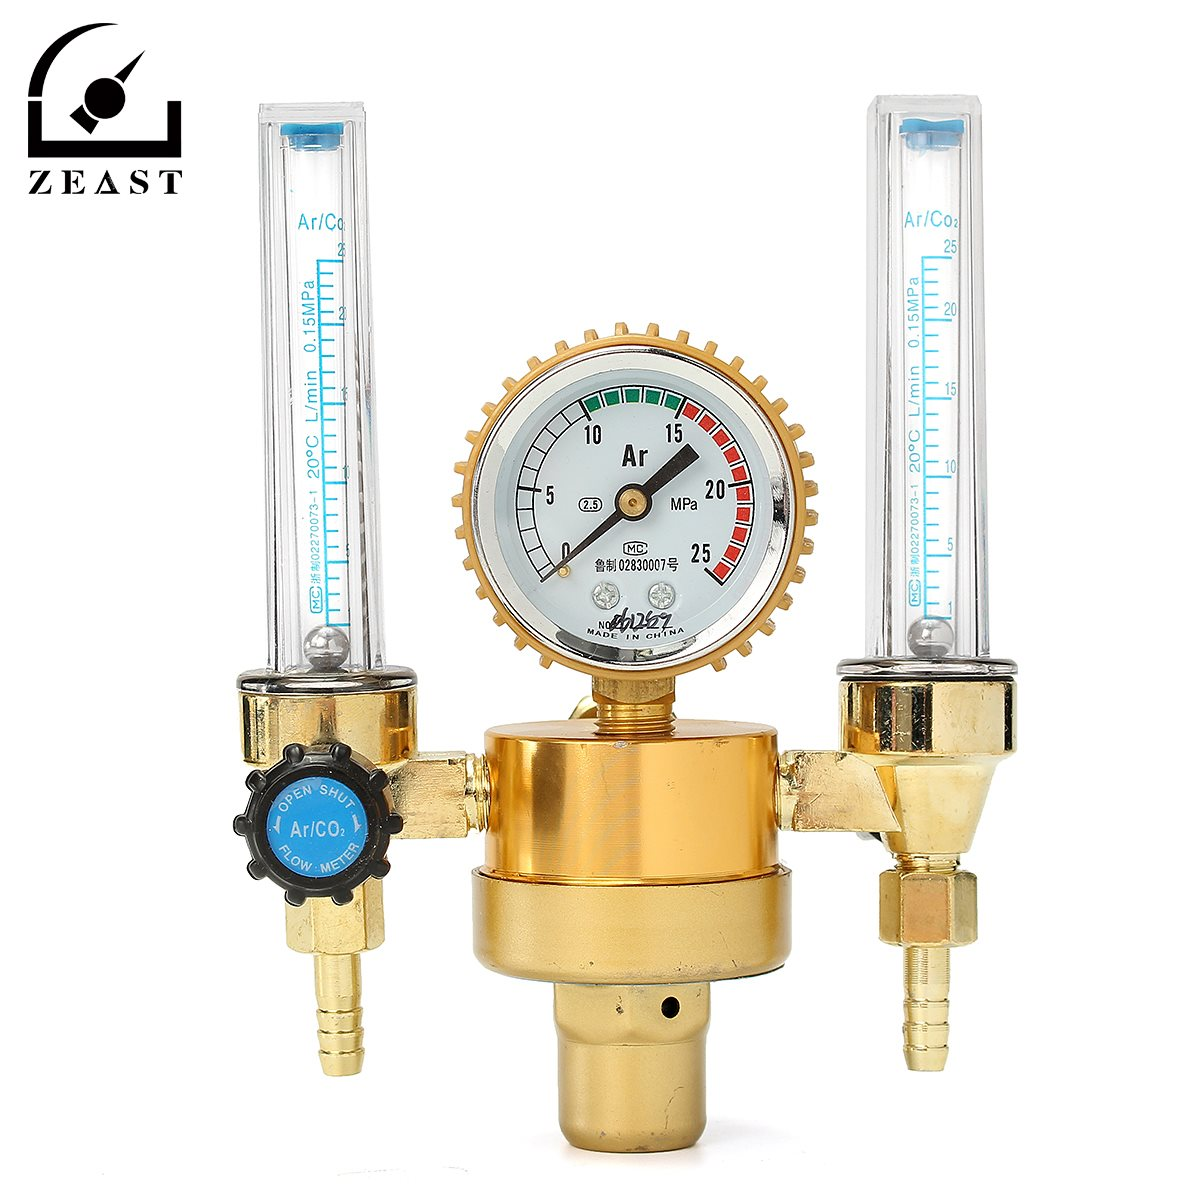 Argon Meter Dual HTP 0.15 MPA Mig Tig Flow Meter Gas Argon AR/CO2 Regulator Welding Weld  high quality htp argon co2 mig tig flow meter regulator welding weld free shipping